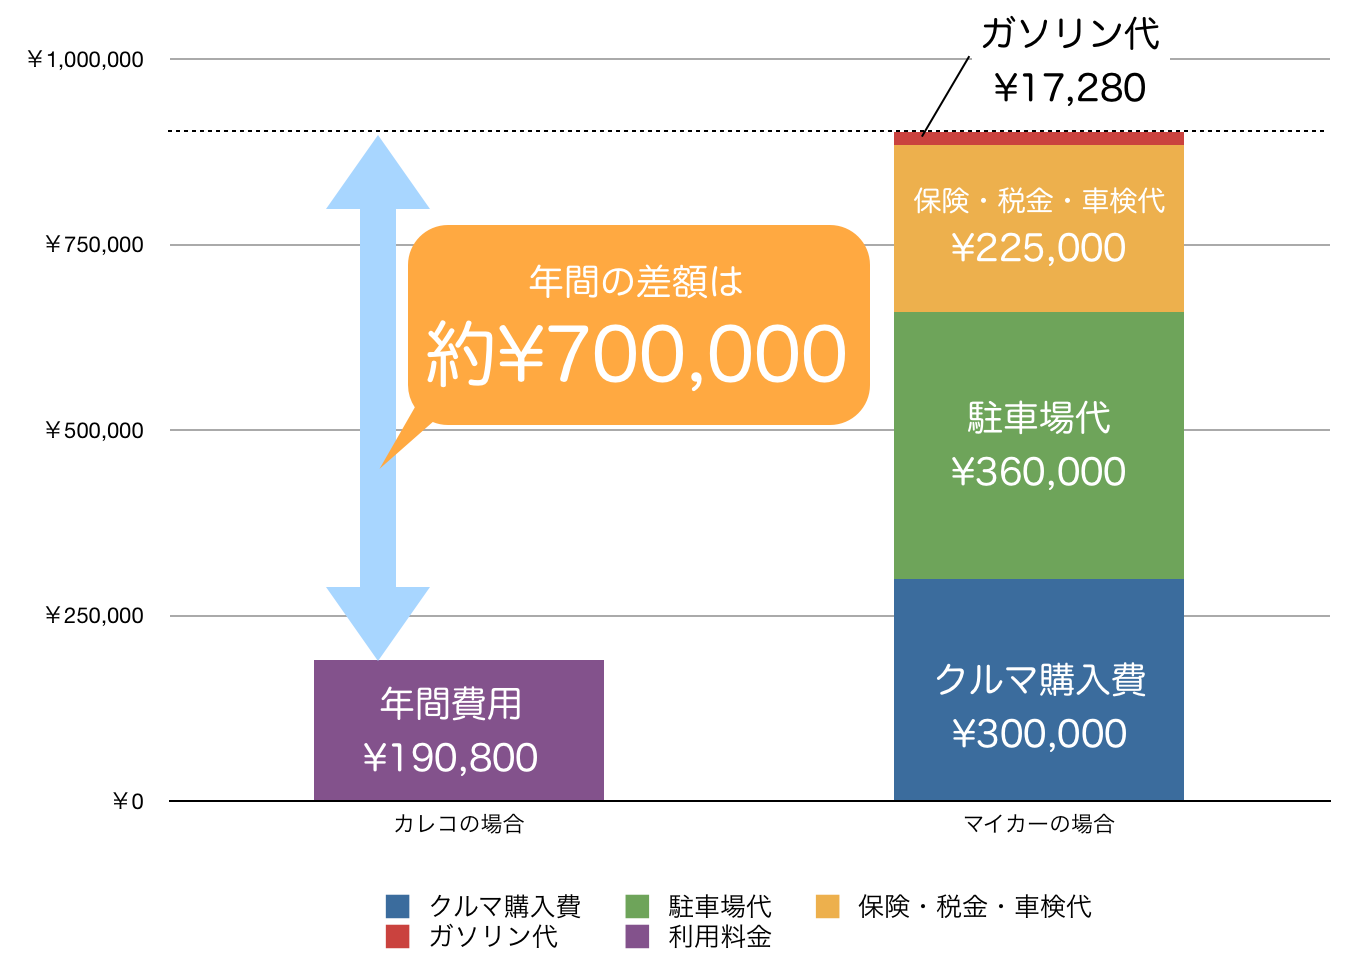 カレコとマイカーの年間費用比較